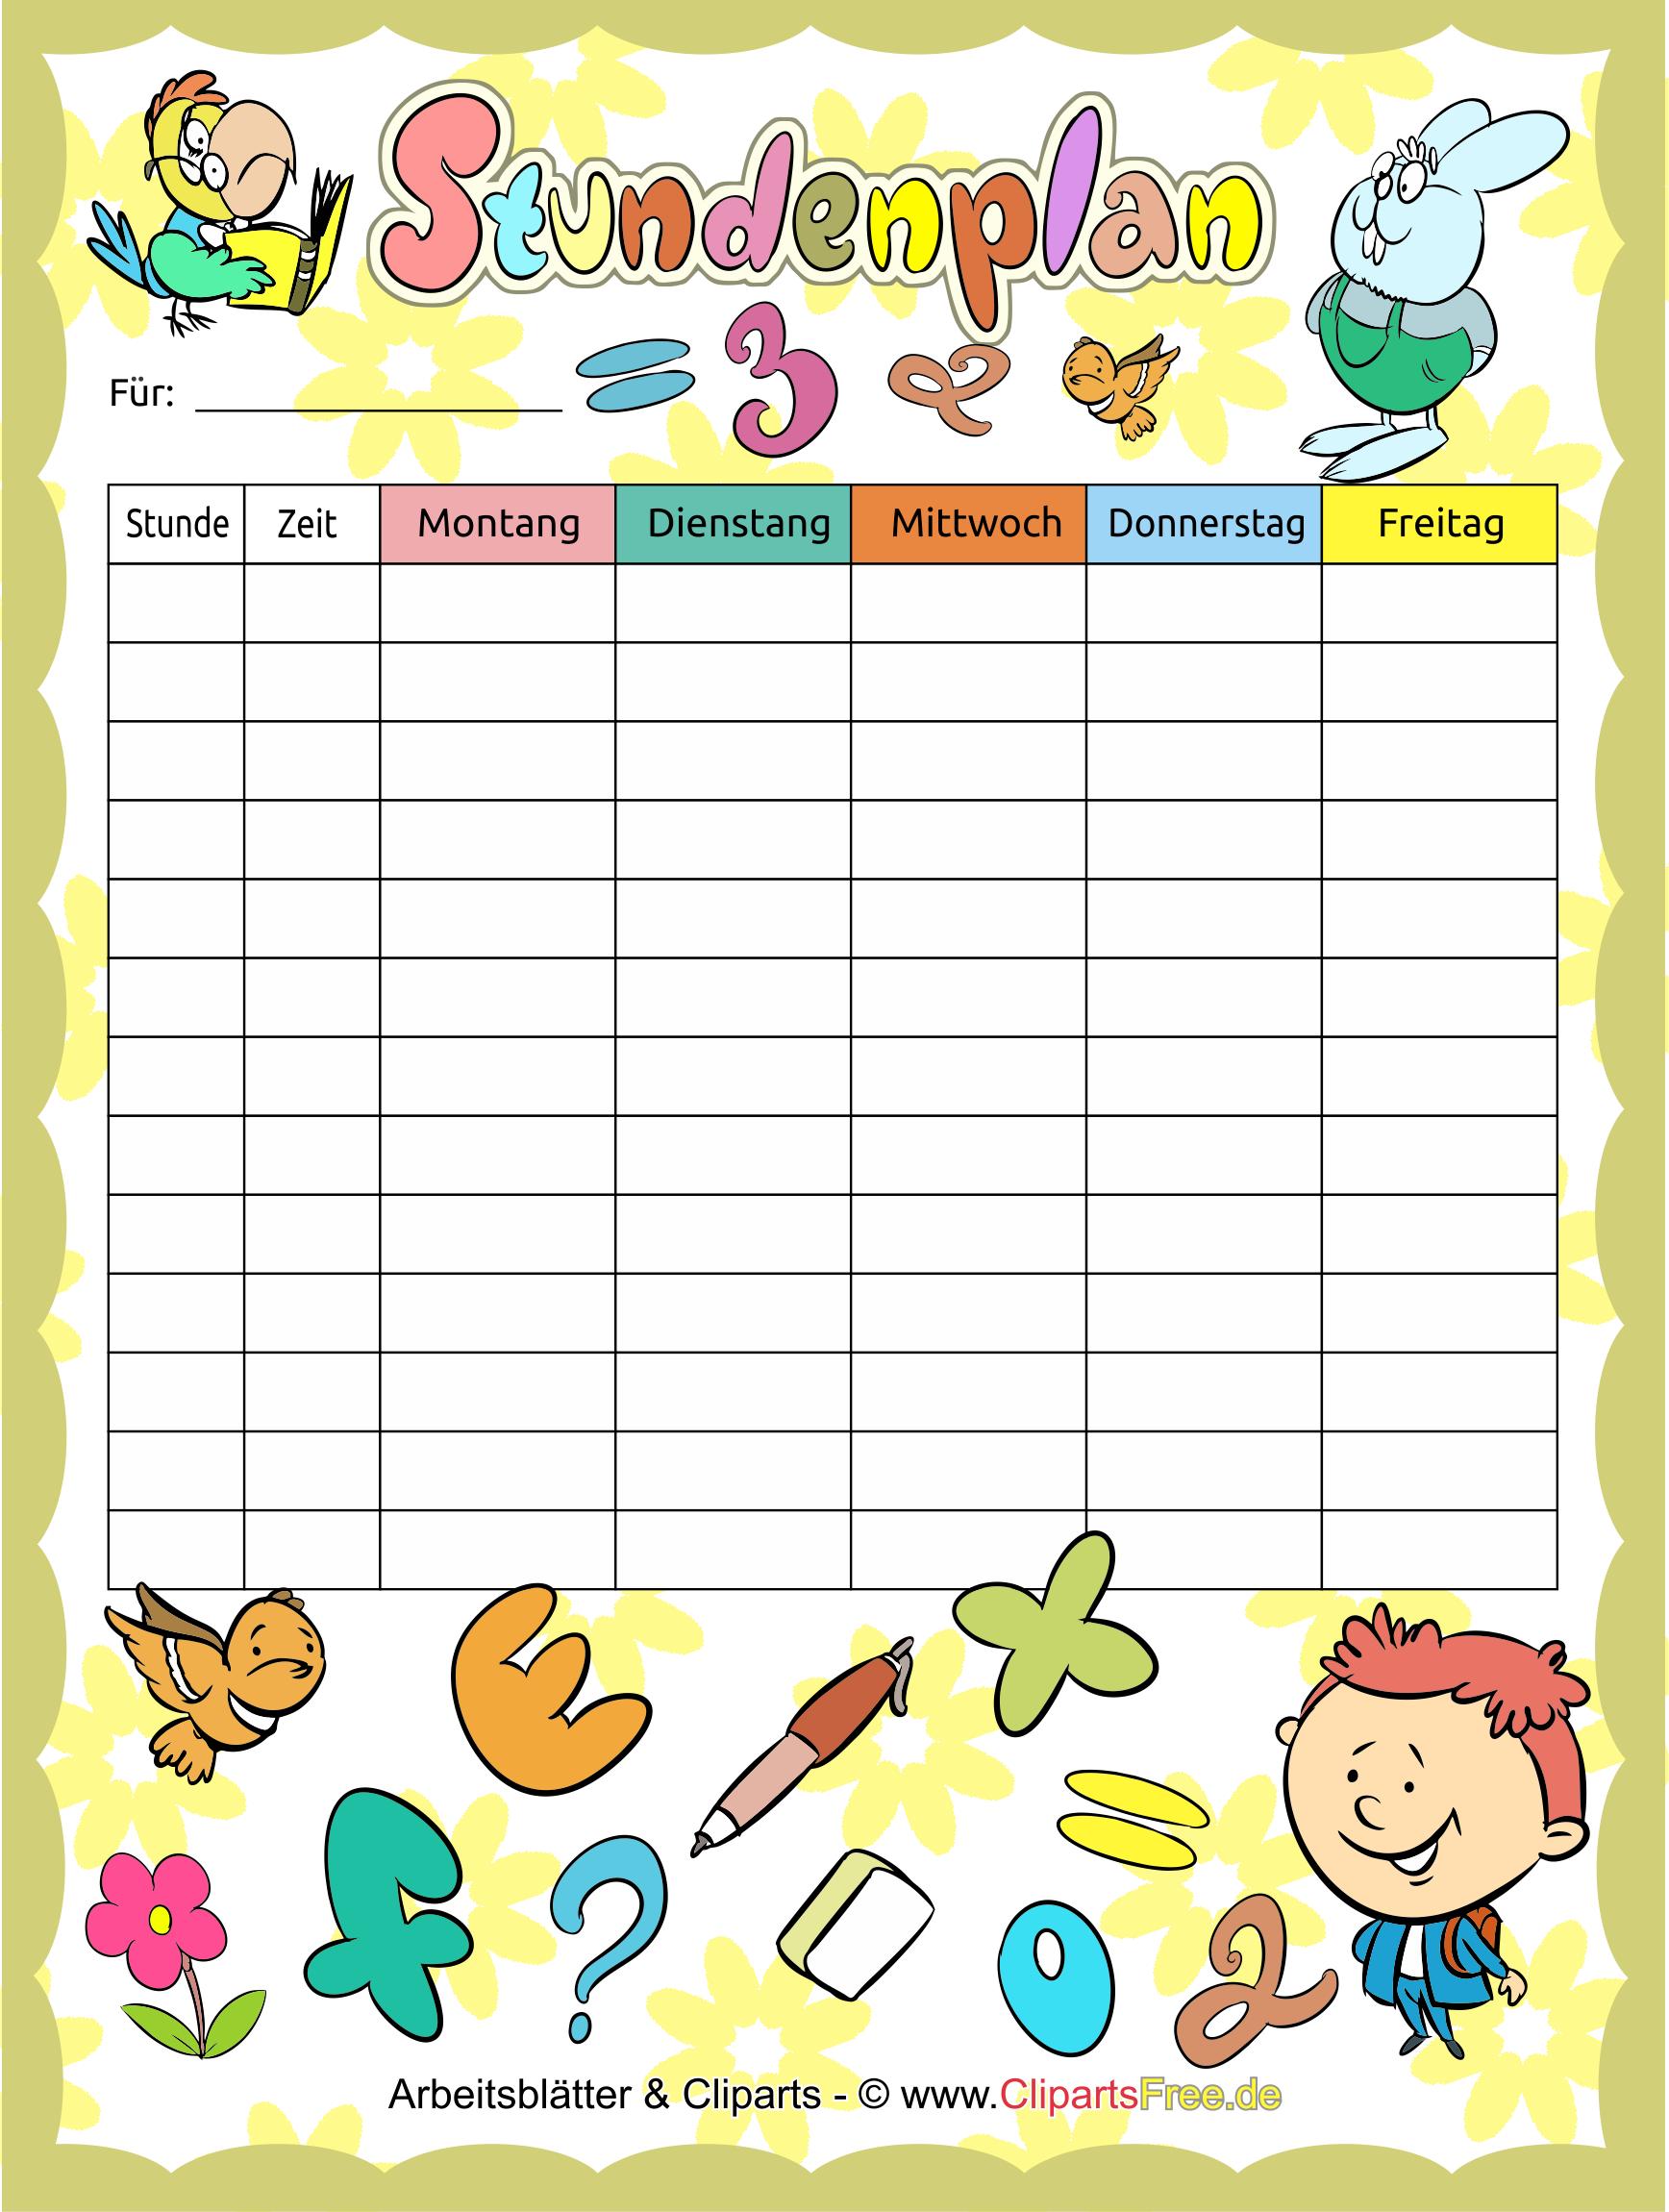 stundenpläne im pdfformat für kinder